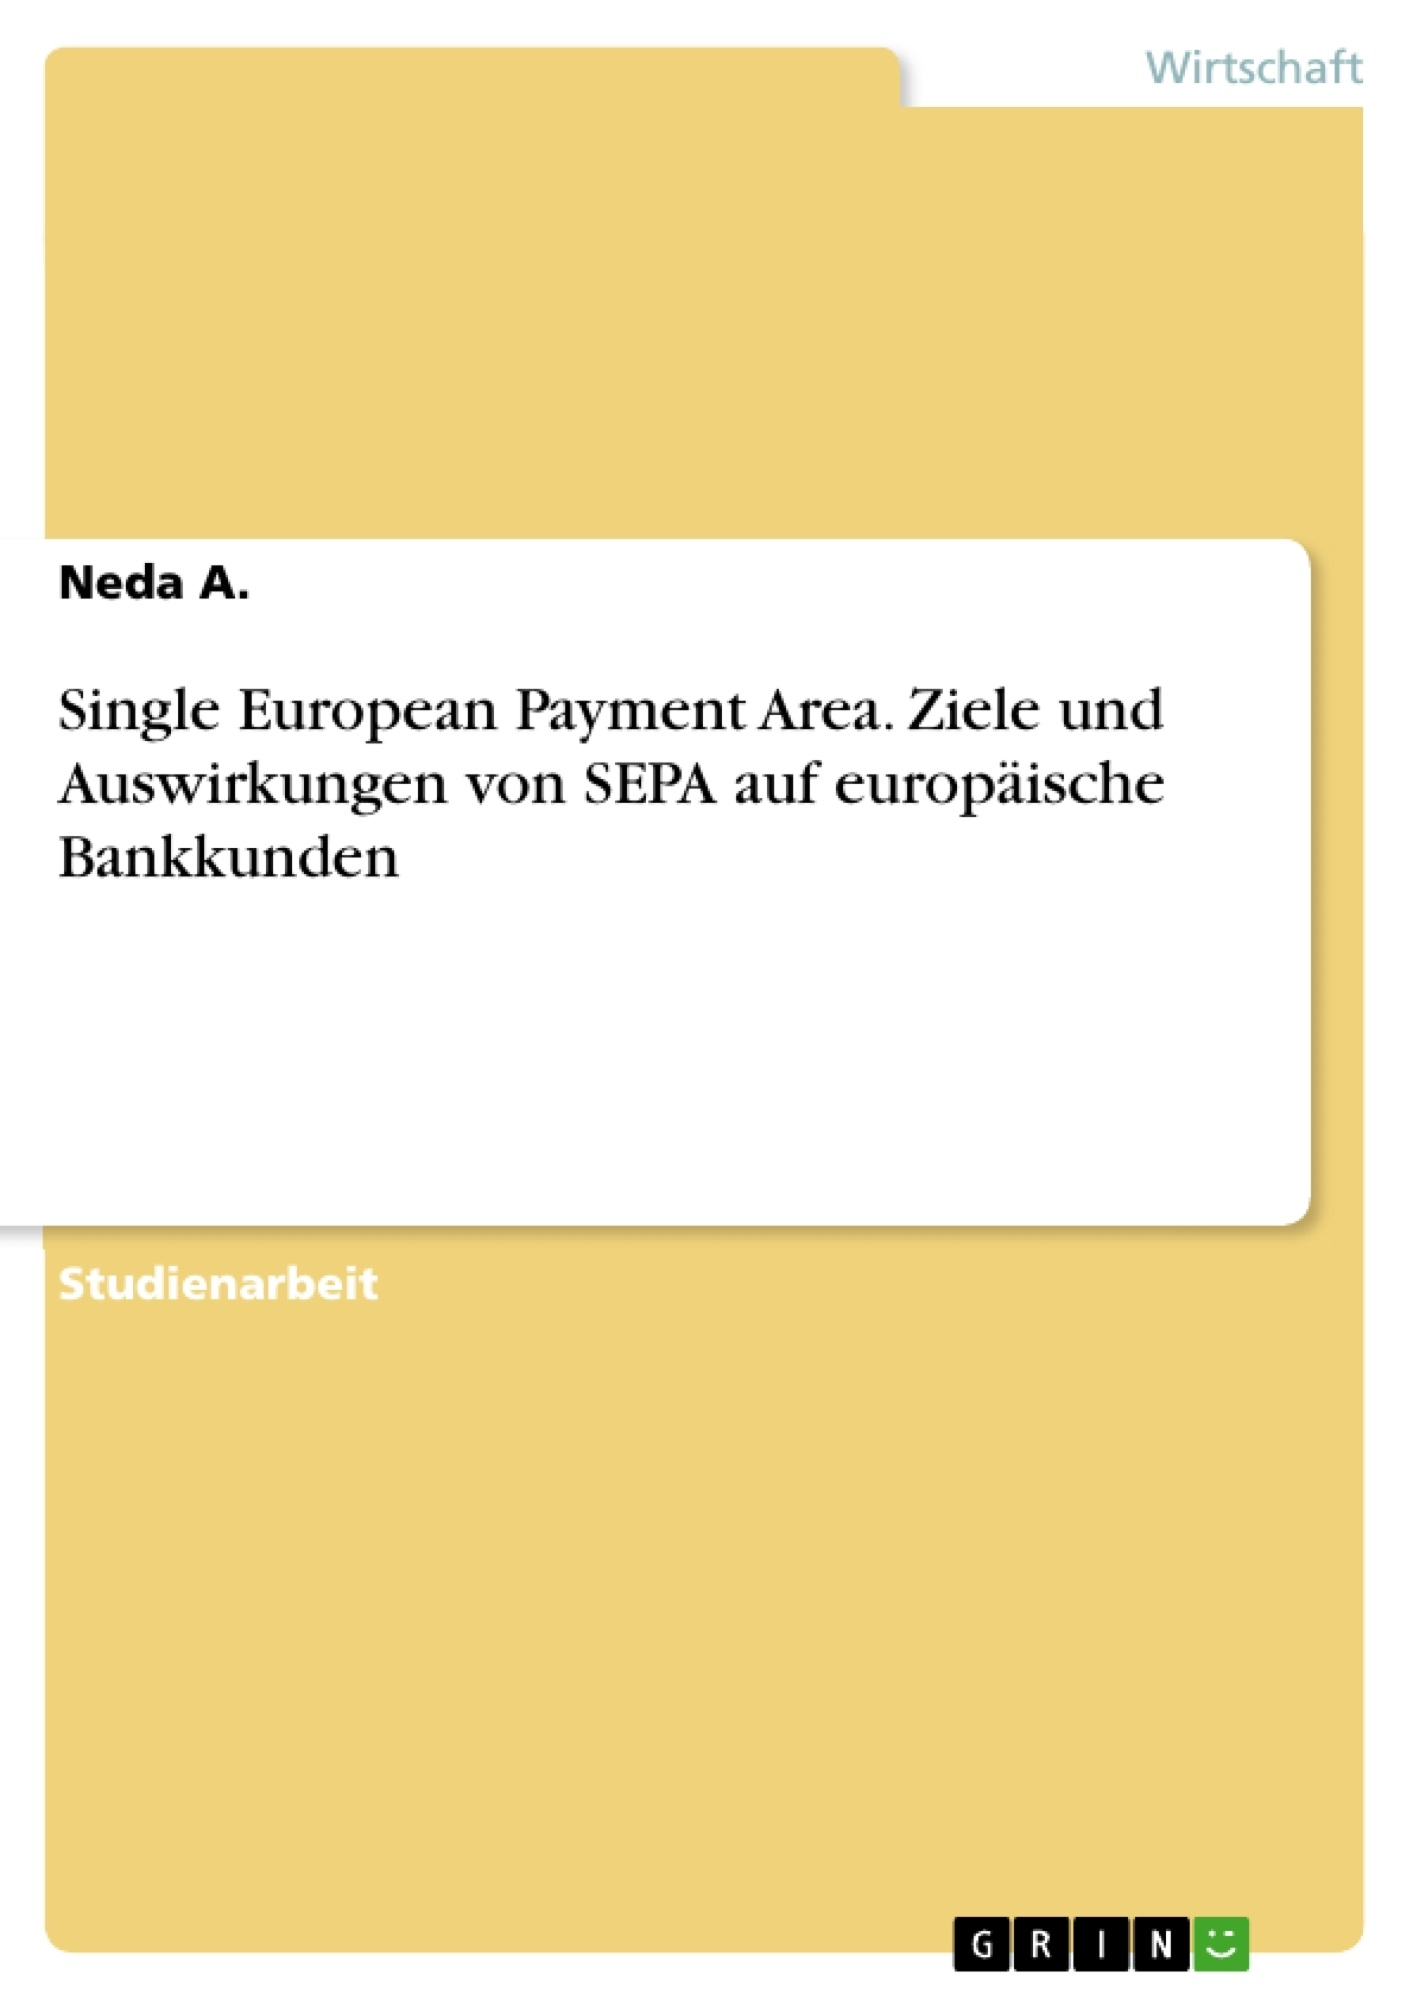 Titel: Single European Payment Area. Ziele und Auswirkungen von SEPA auf europäische Bankkunden